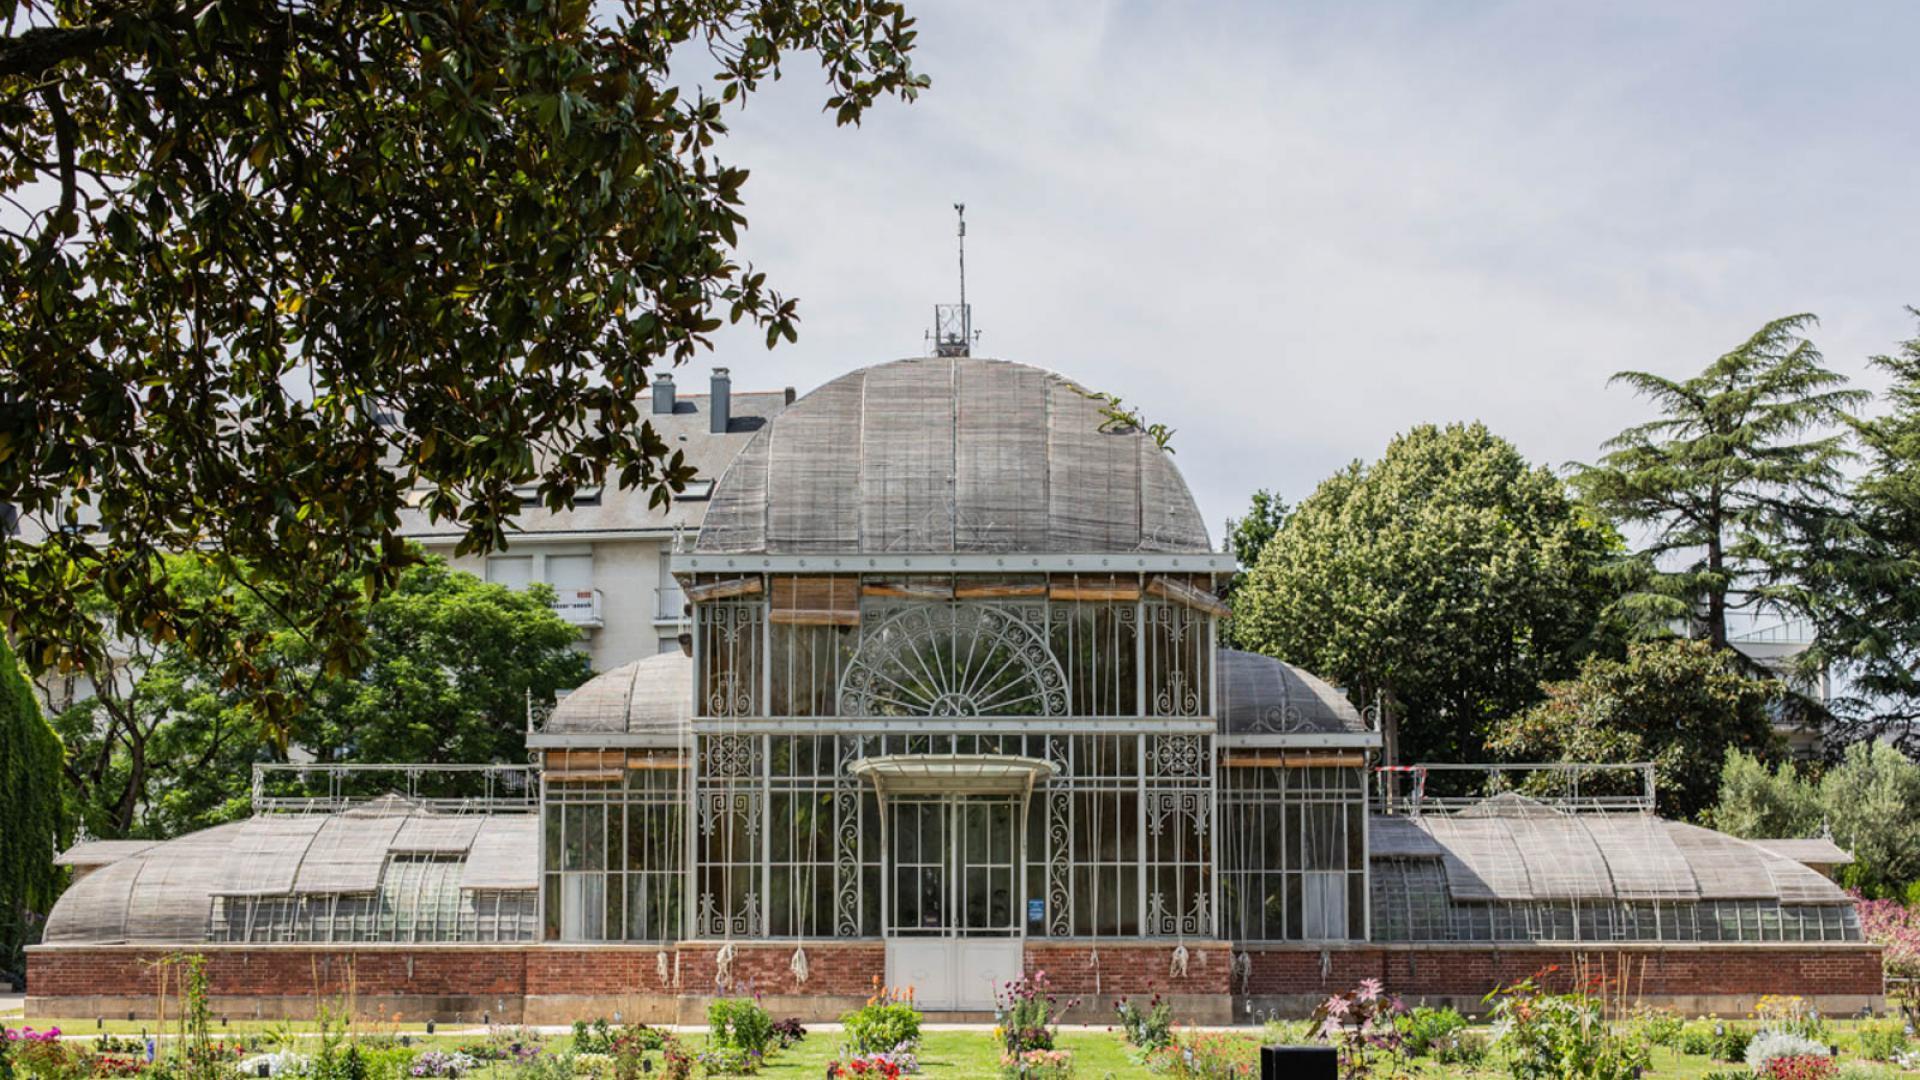 Serre du jardin des plantes